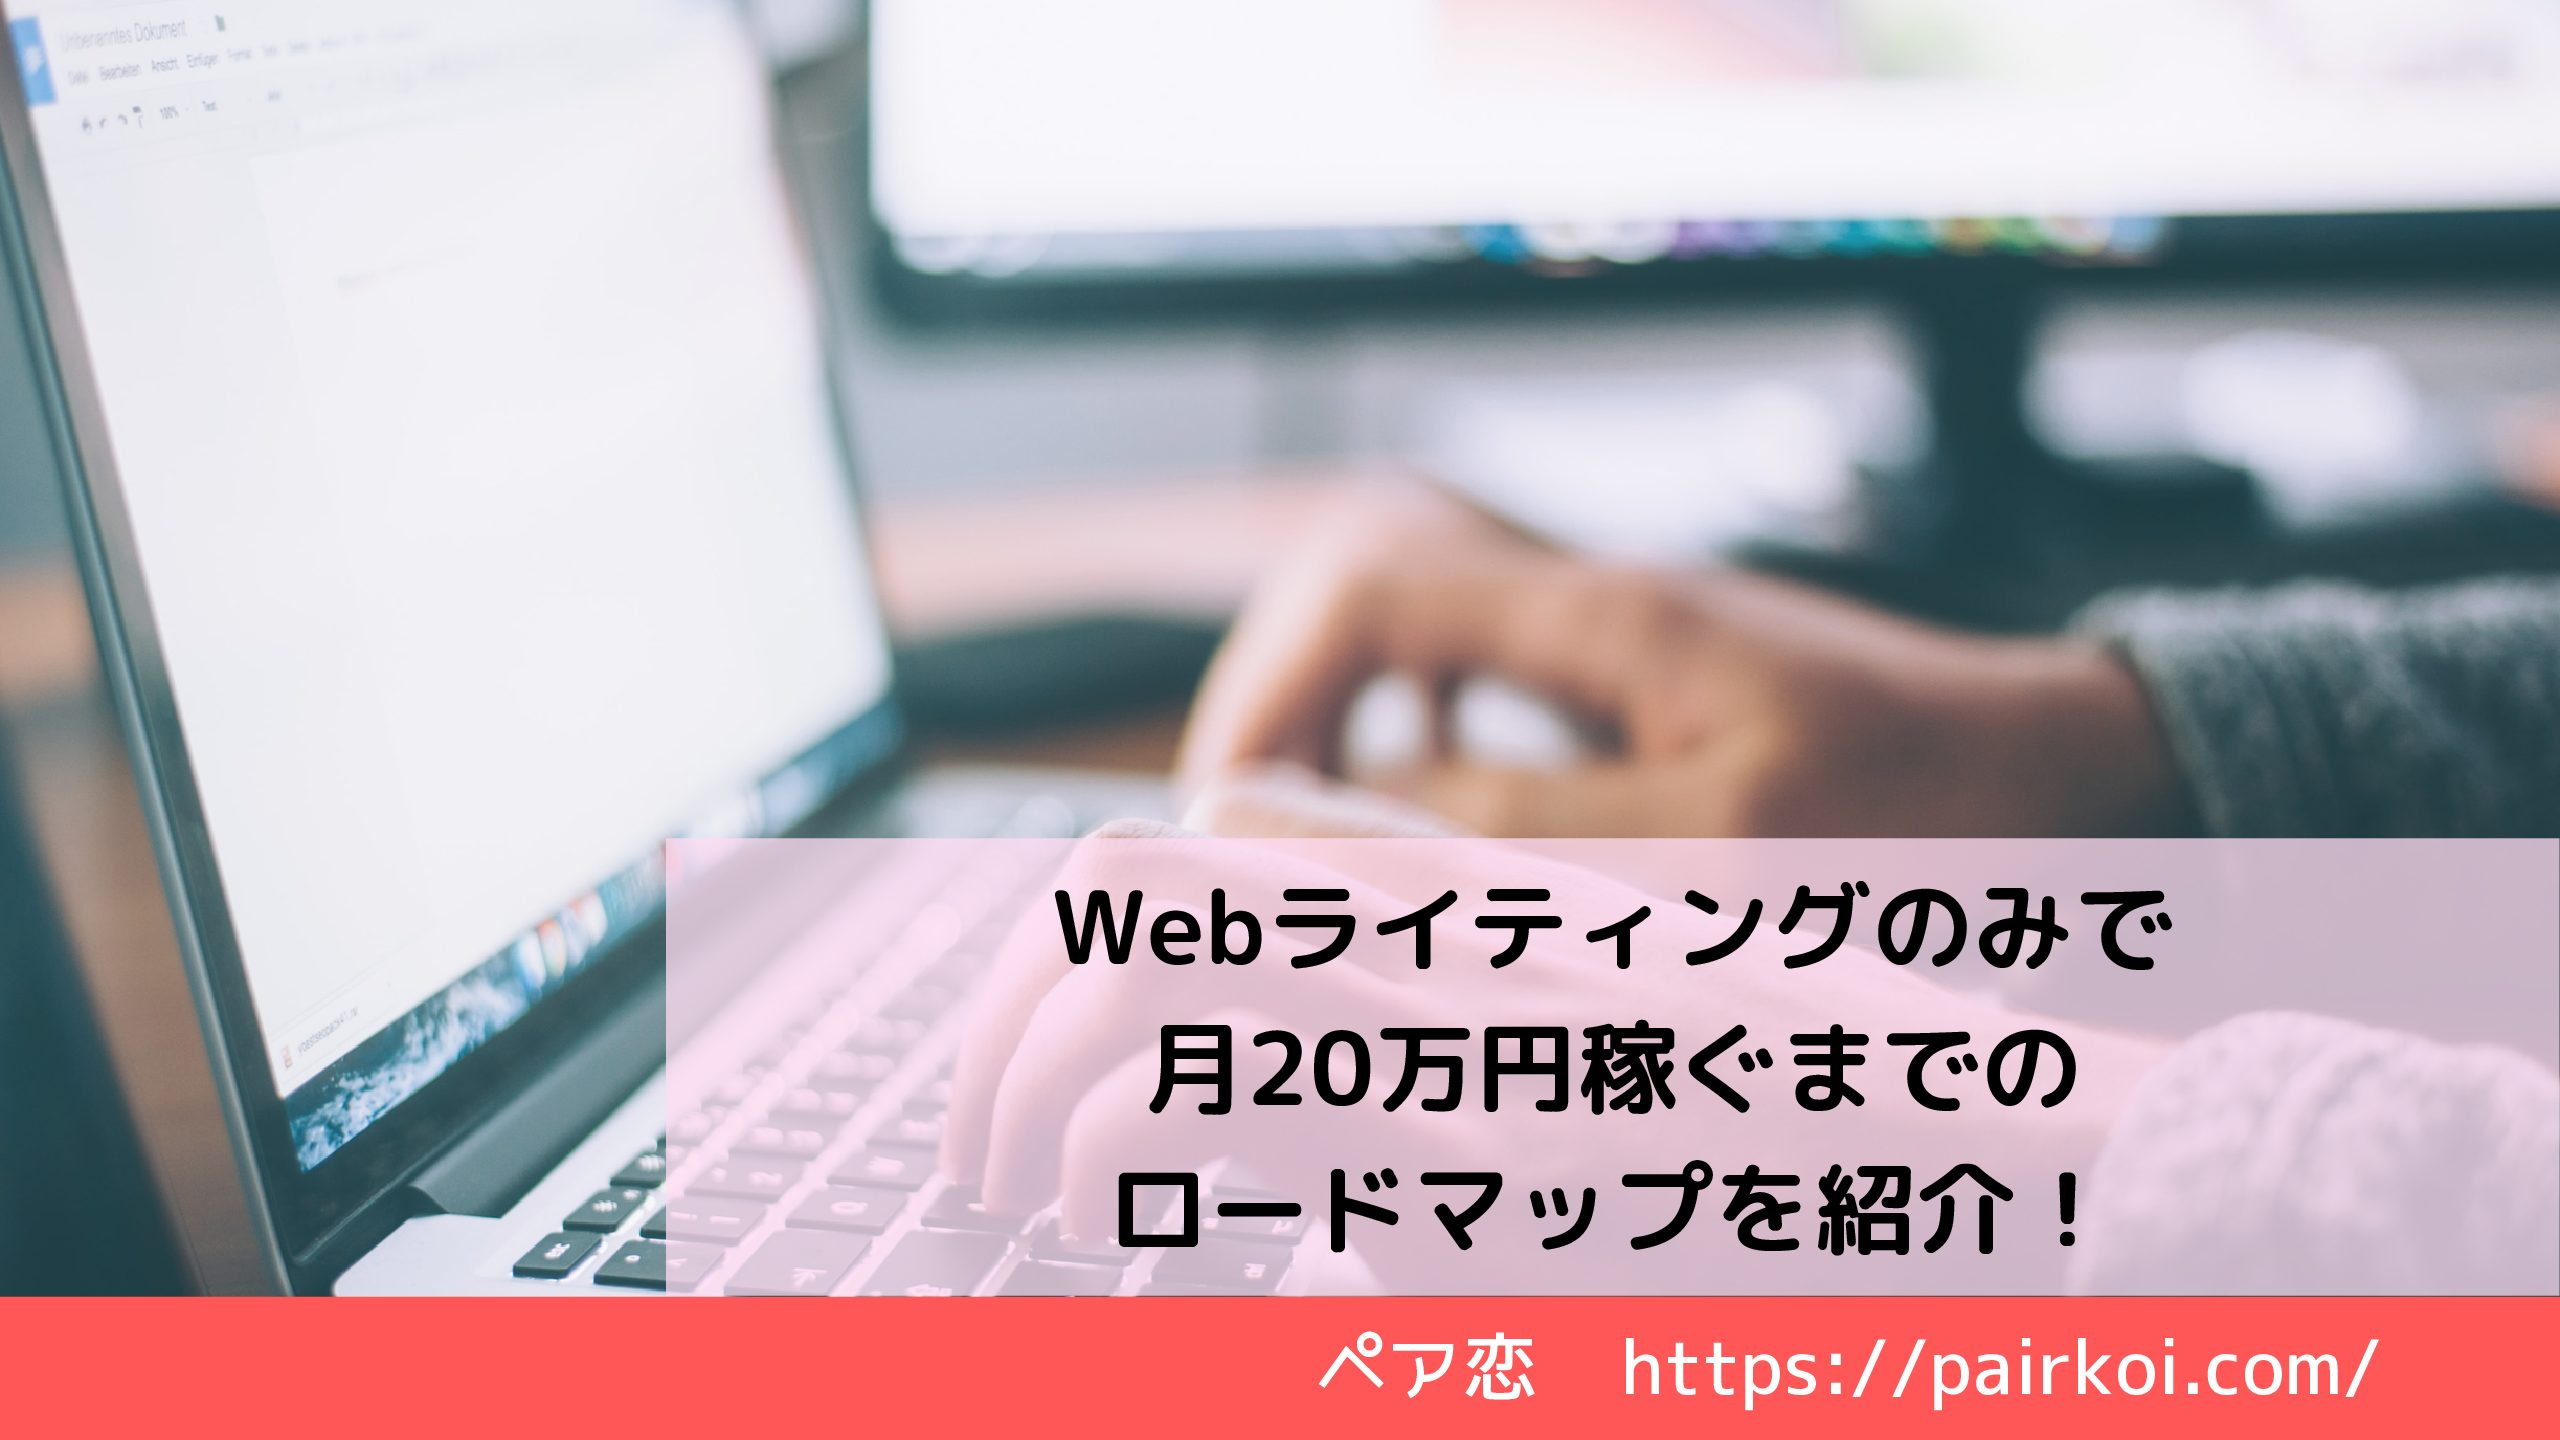 Webライティングのみで月20万円稼ぐまでのロードマップを紹介!